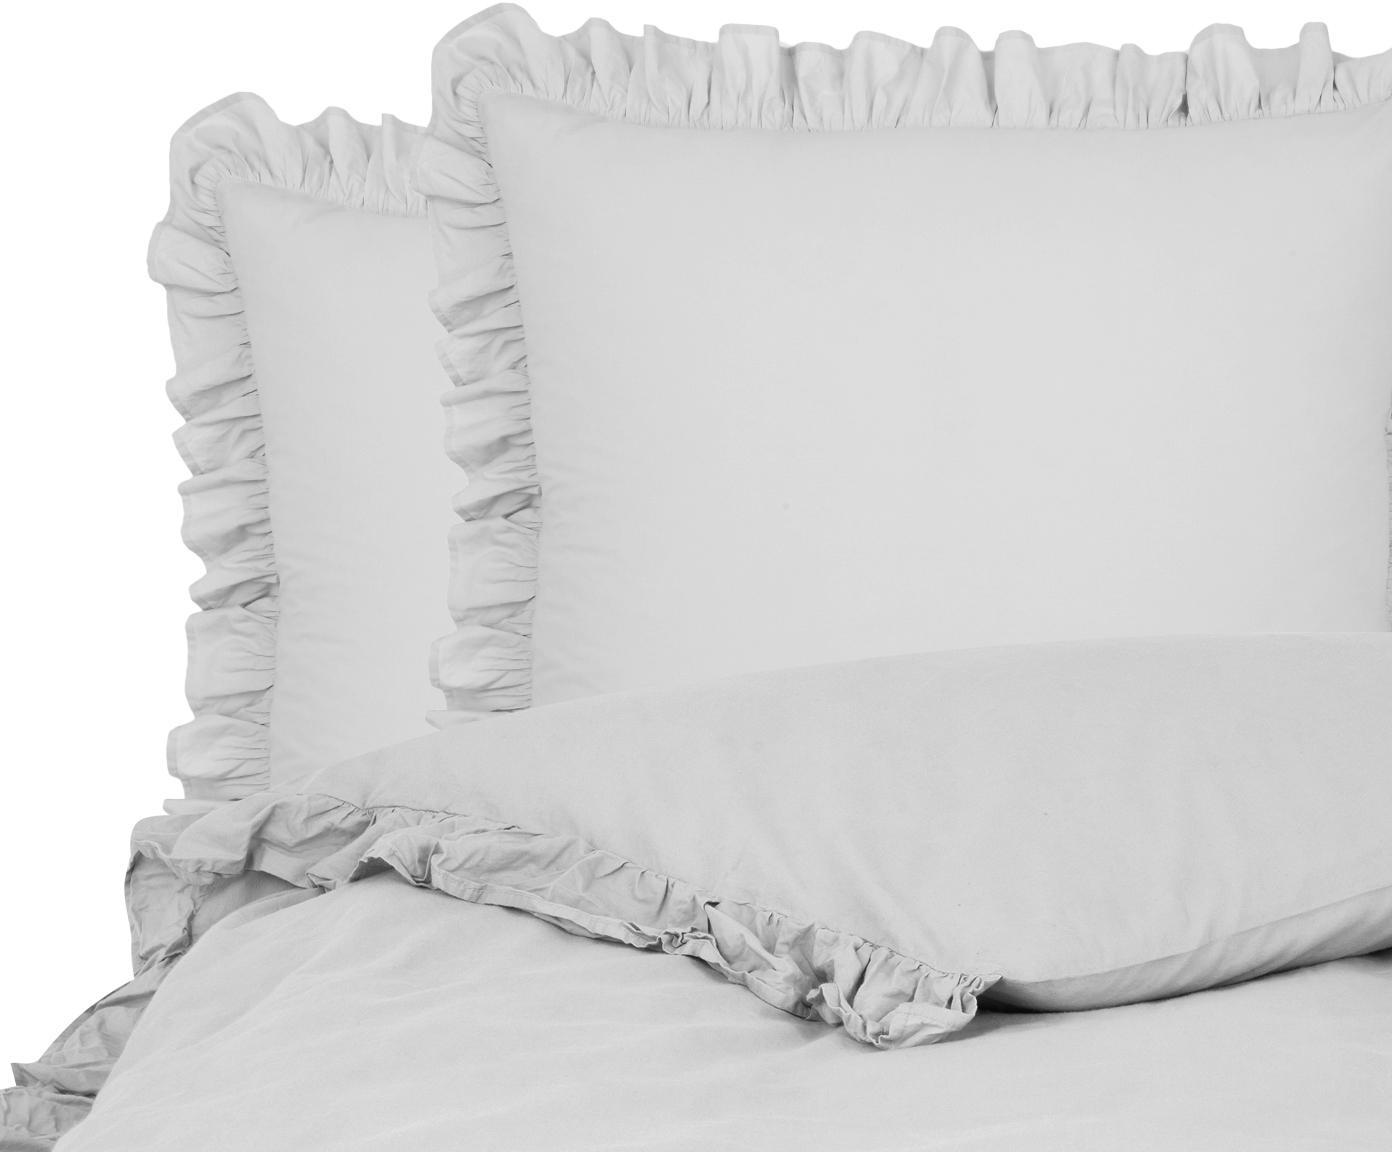 Gewaschene Baumwoll-Bettwäsche Florence mit Rüschen, Webart: Perkal Fadendichte 180 TC, Hellgrau, 240 x 220 cm + 2 Kissen 80 x 80 cm